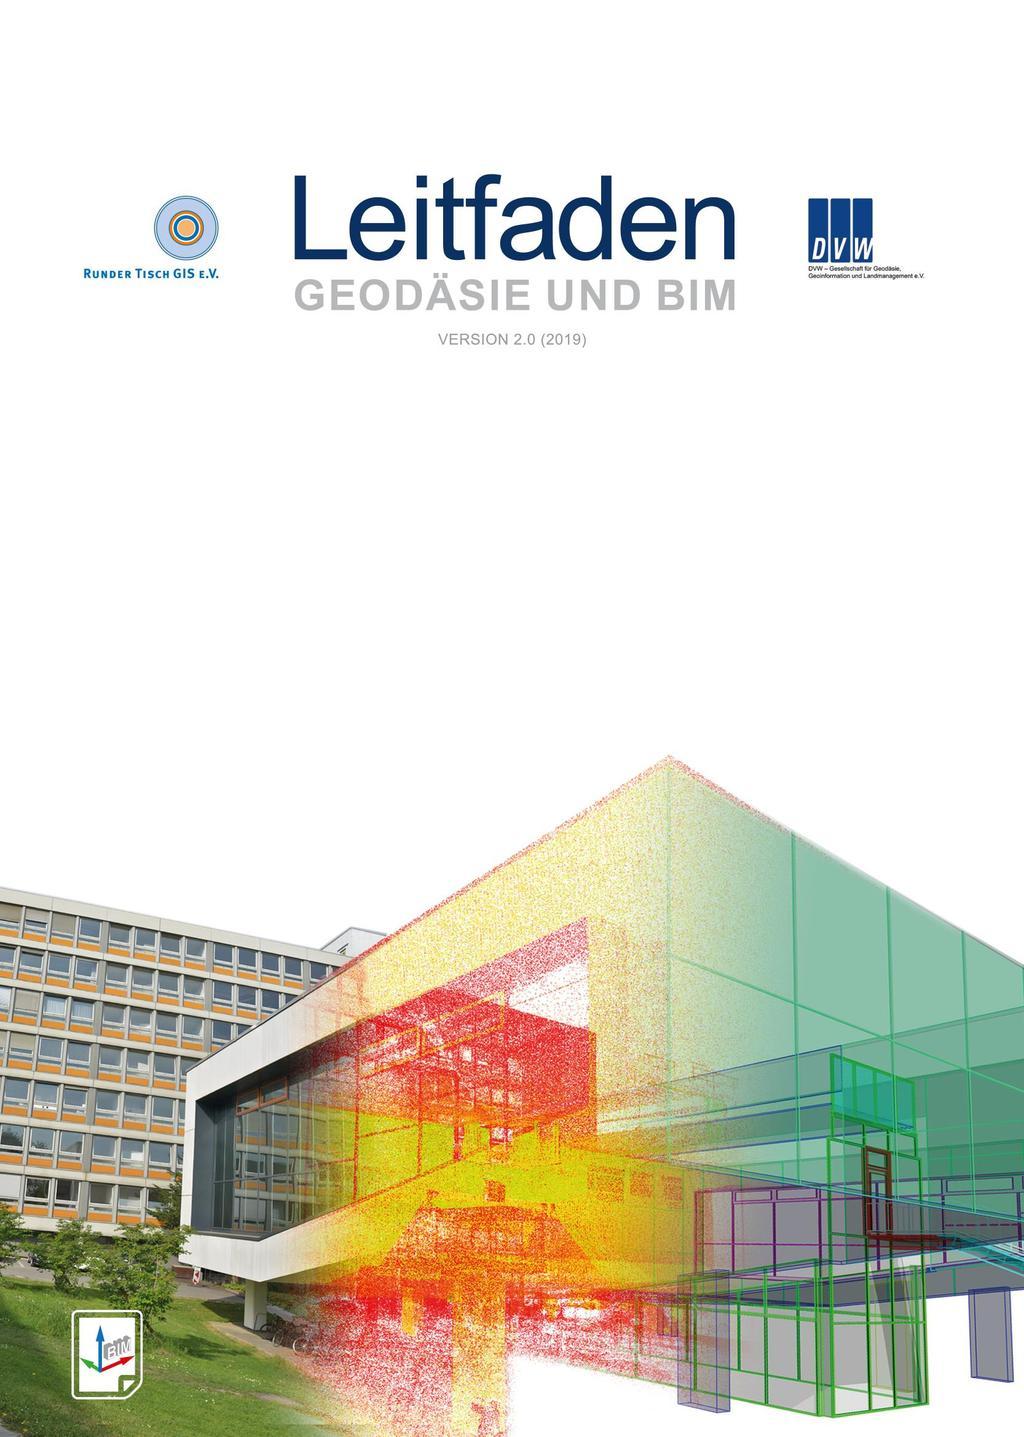 Full Size of Eichenbalken Bauhaus Kaufen Leitfaden Geodsie Und Bim Version 20 2019 Pdf Kostenfreier Fenster Wohnzimmer Eichenbalken Bauhaus